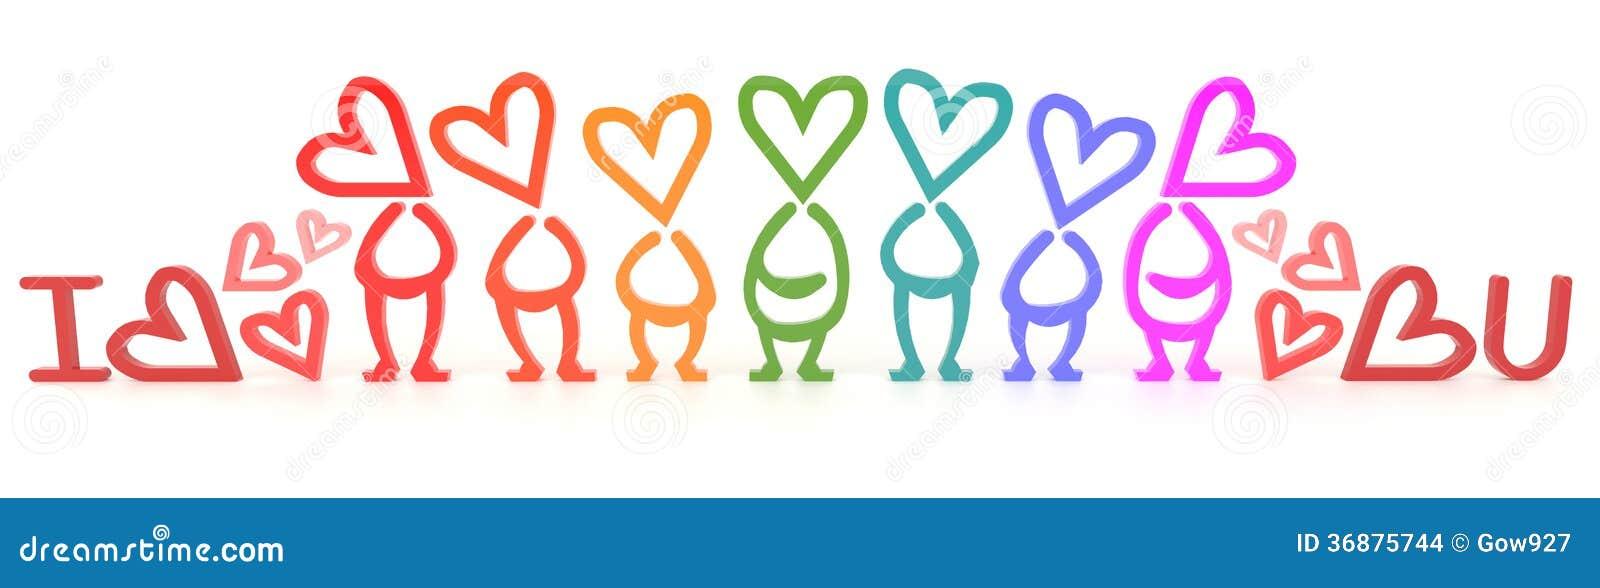 Download Ti Amo Segno Umano Per Il Biglietto Di S. Valentino (3D) Illustrazione di Stock - Illustrazione di alfabeto, girlfriend: 36875744